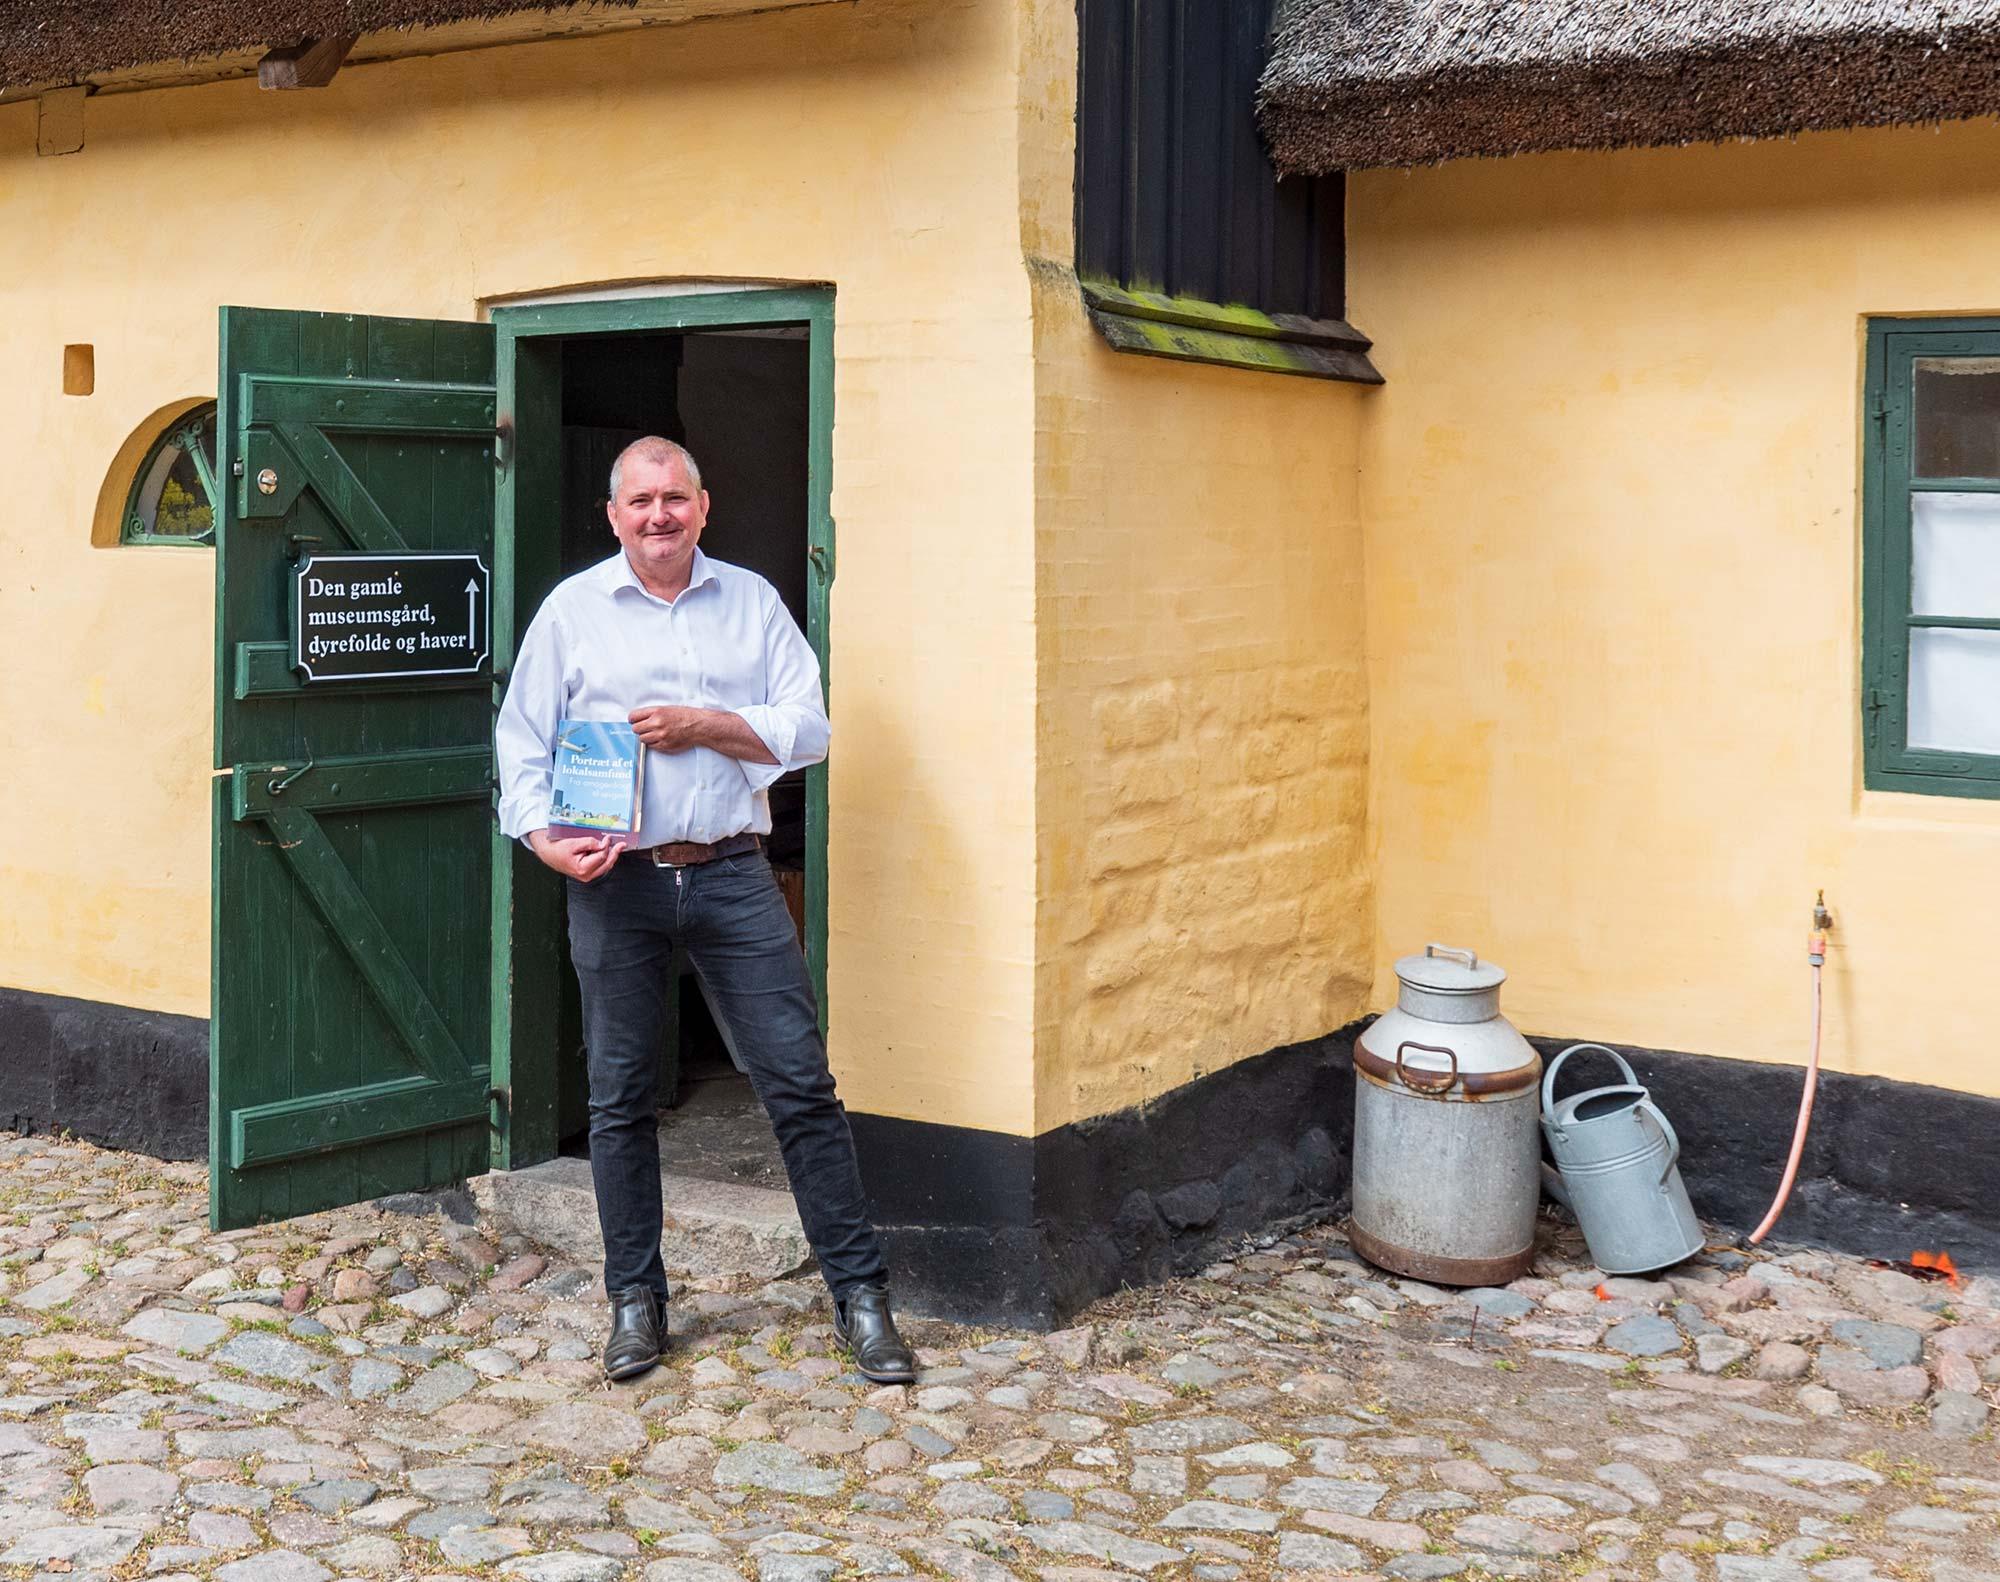 Museumsleder og forfatter Søren Mentz i sit rette element – i Amagermuseets skønne gård. Foto: HAS.